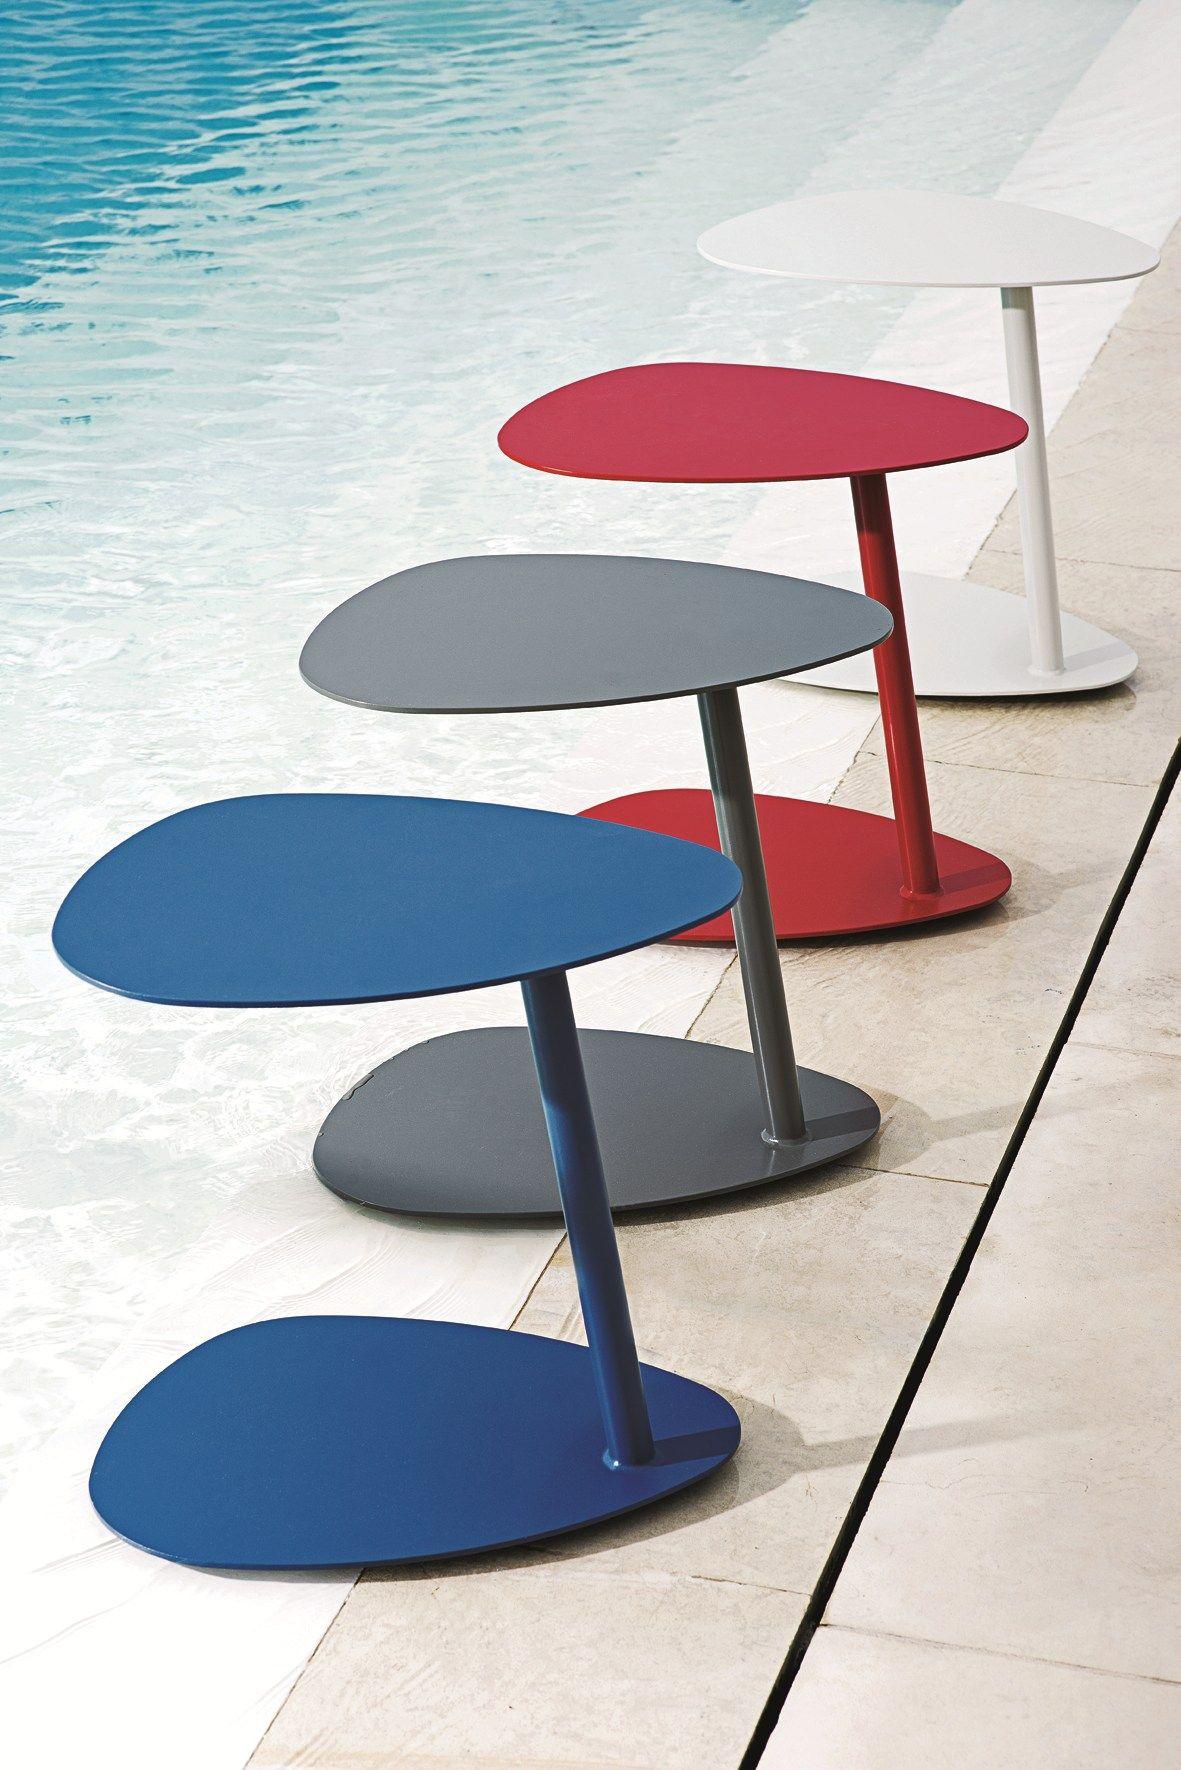 Table Basse De Jardin En Aluminium Smart By Ethimo Table D Appoint Table De Salon Table Basse Jardin